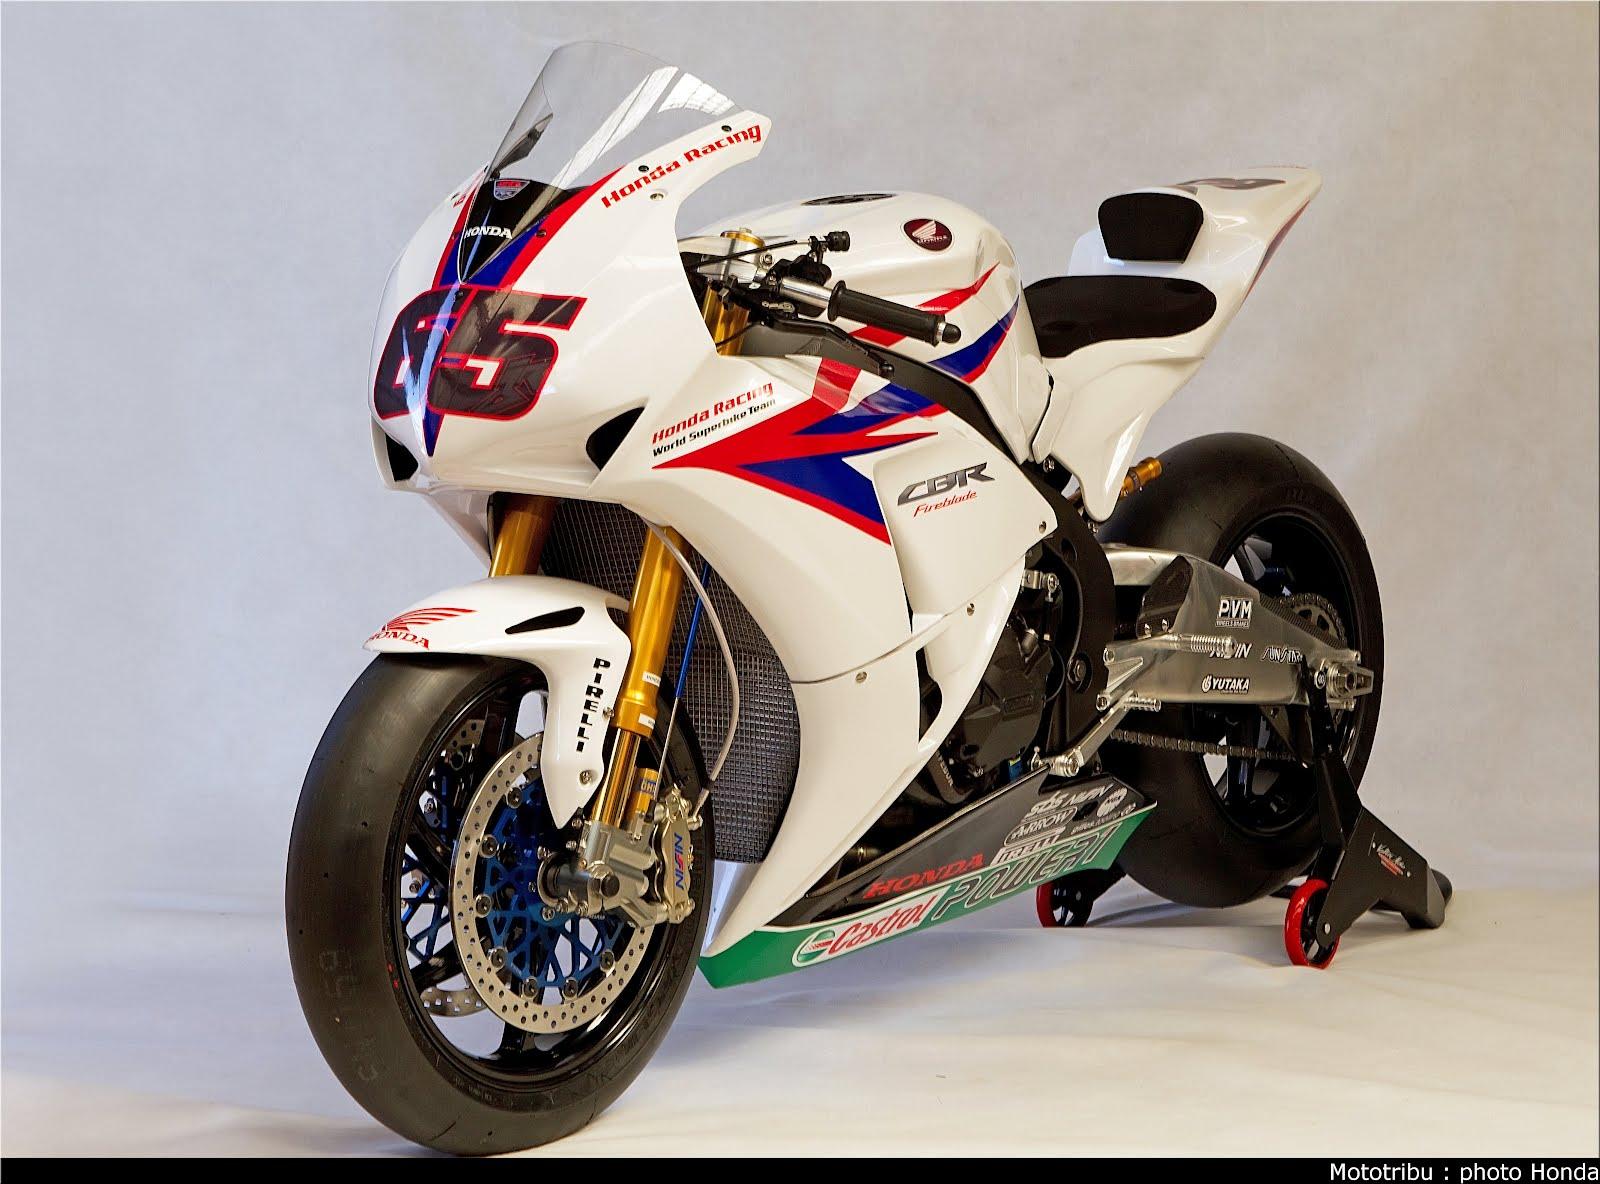 Machines de courses ( Race bikes ) - Page 8 Honda%2BCBR%2B1000%2BRR%2BTeam%2BTenKate%2B2012%2B10